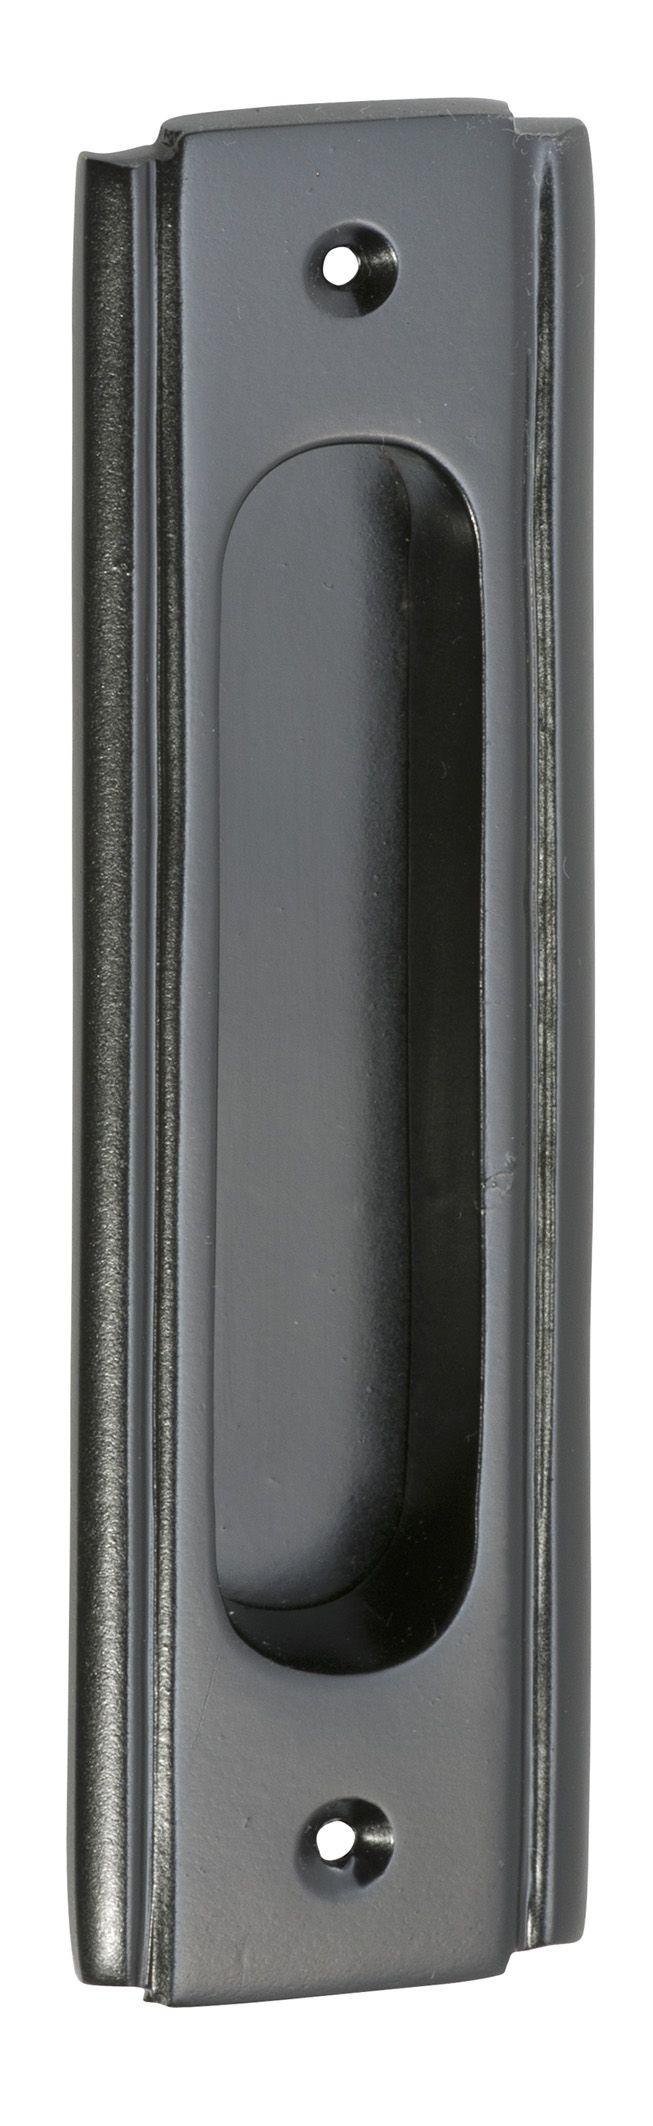 Matt Black Sliding Door Pull - Black Cavity Pull Handle - Black Flush Pull